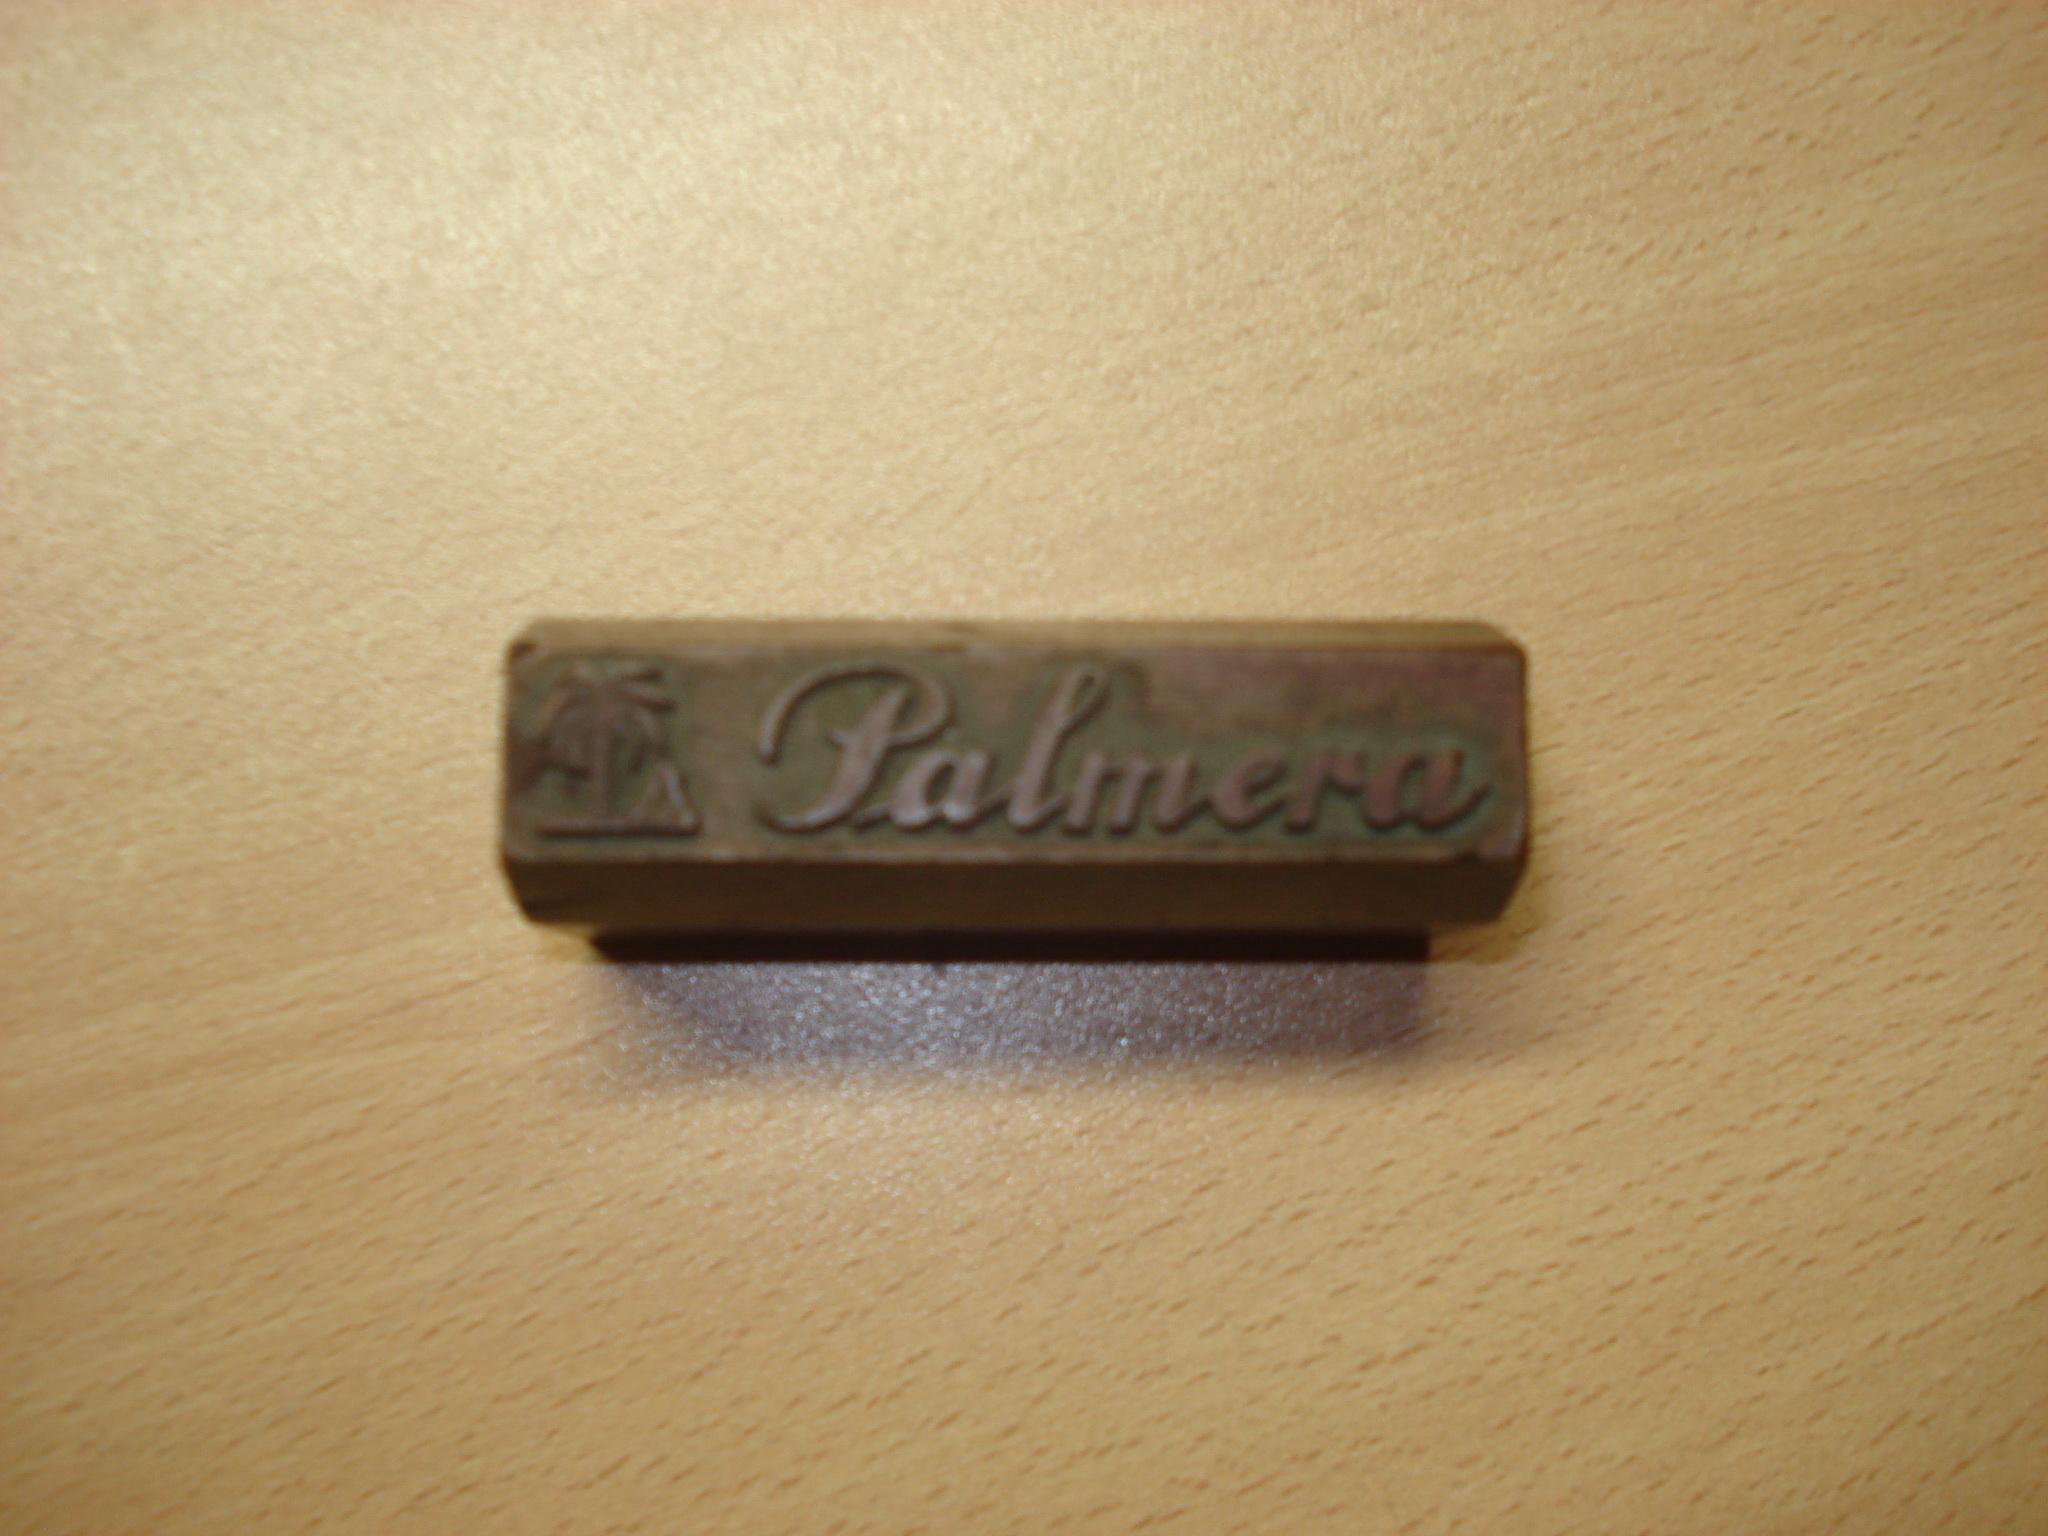 Troquel de la marca PALMERA